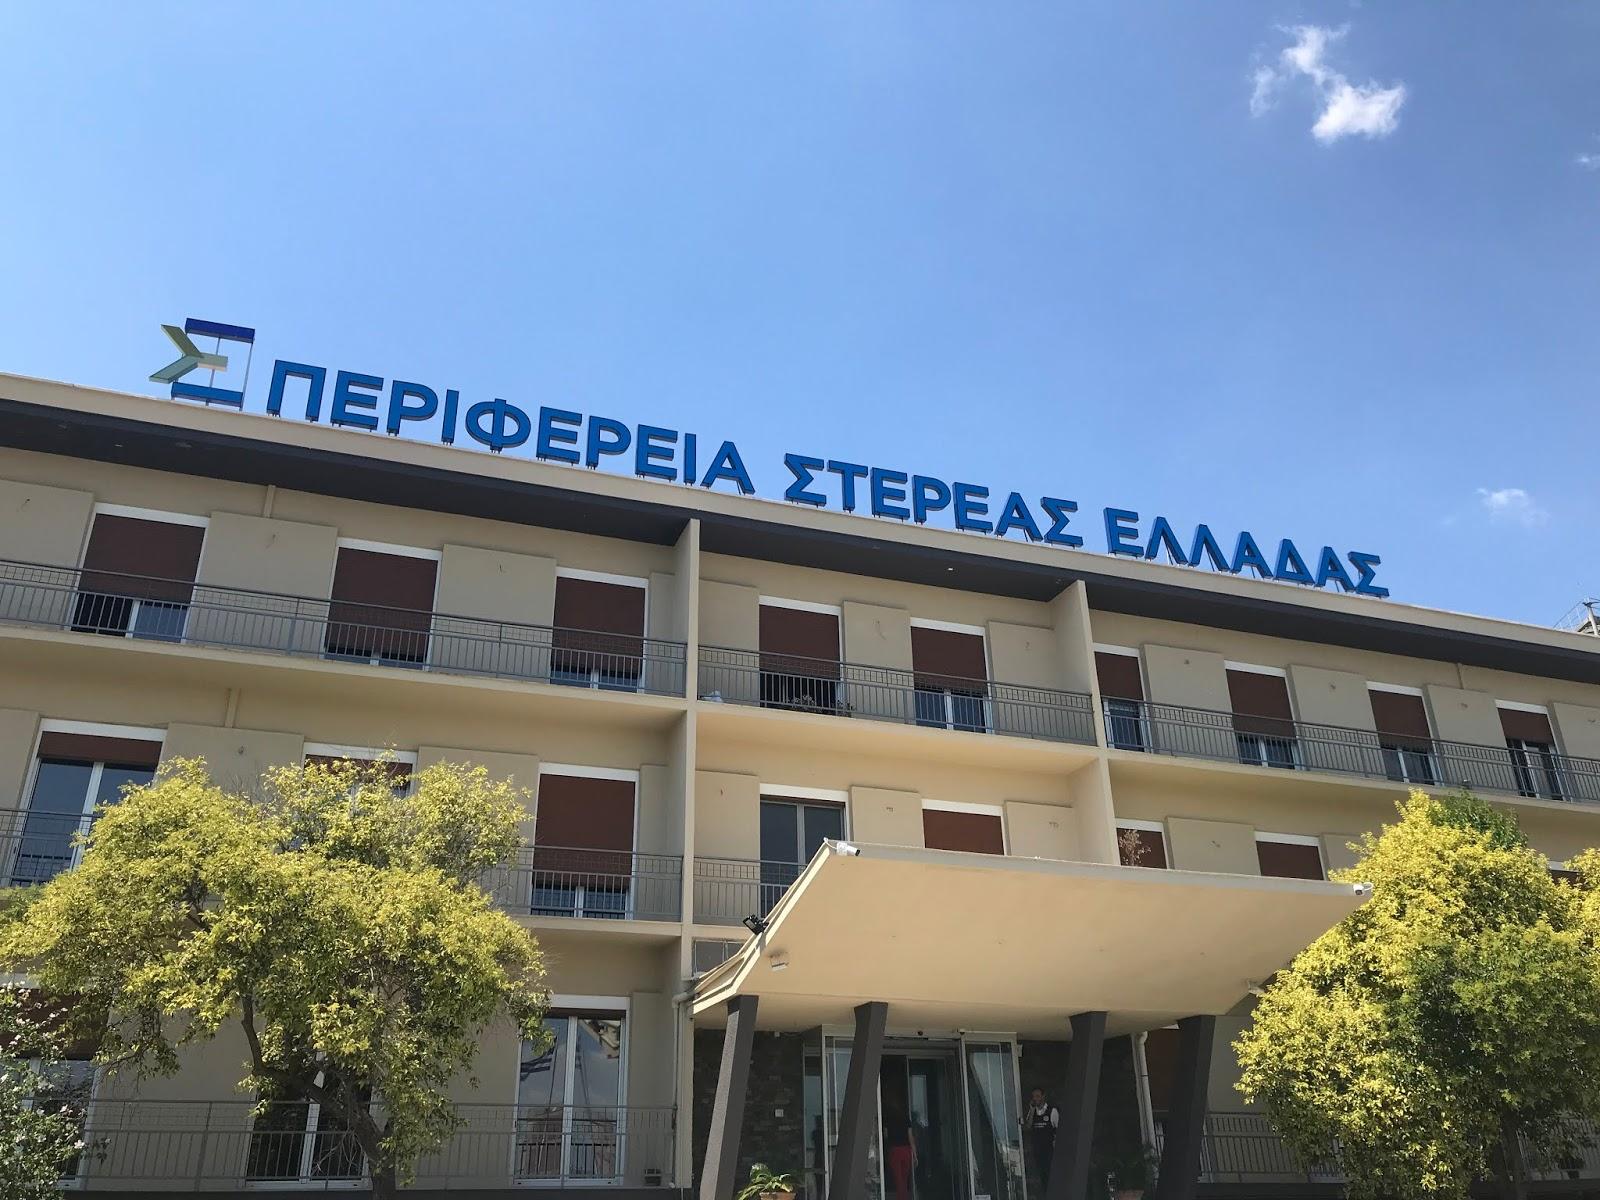 ΟΑΕΔ:Πρόγραμμα για 3.000 ανέργους στην Περιφέρεια Στερεάς Ελλάδας